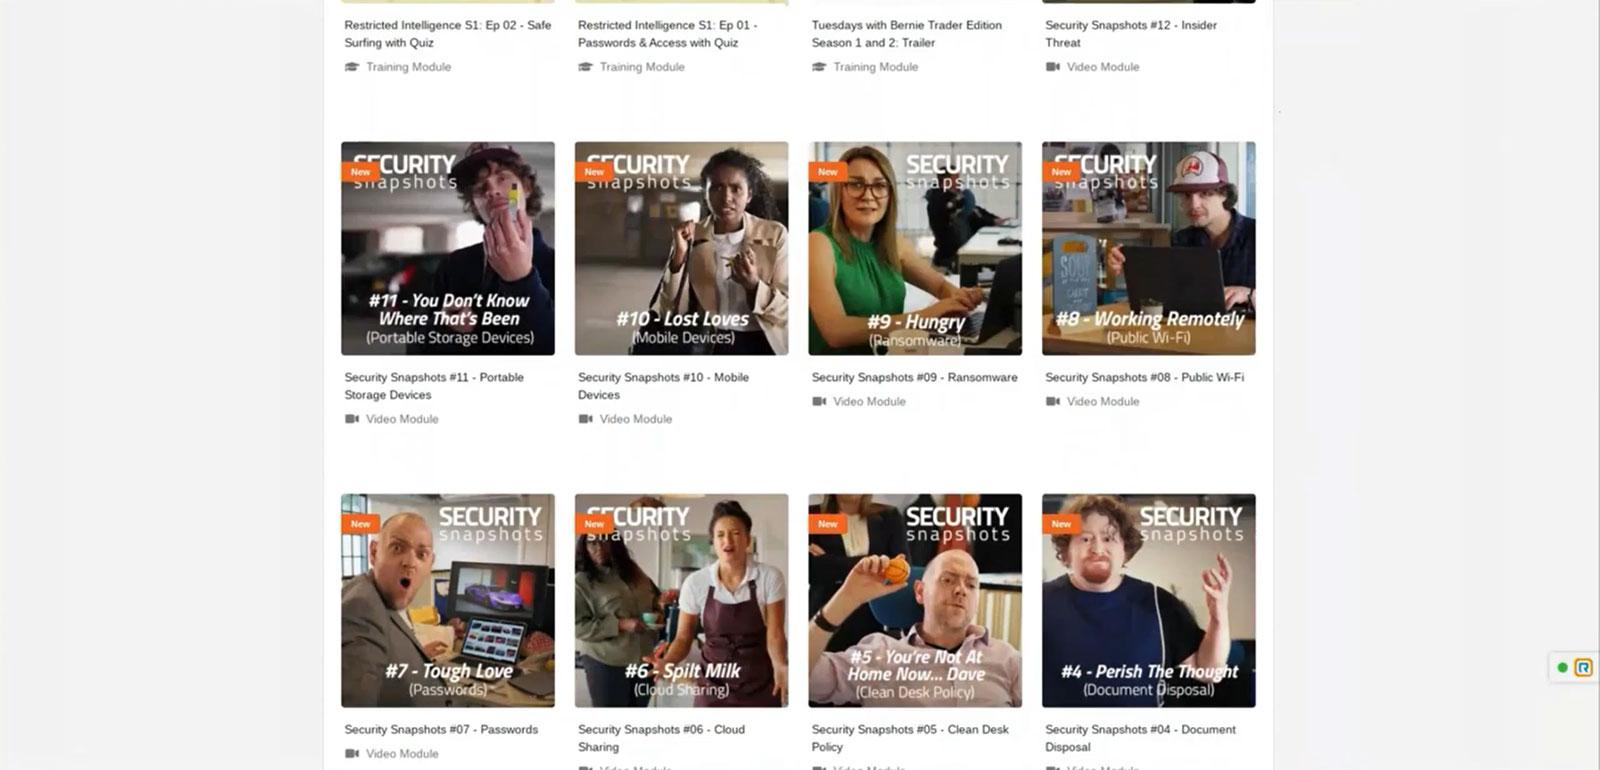 KnowBe4 Security Awareness - Vishing video voorbeelden | VanRoey.be